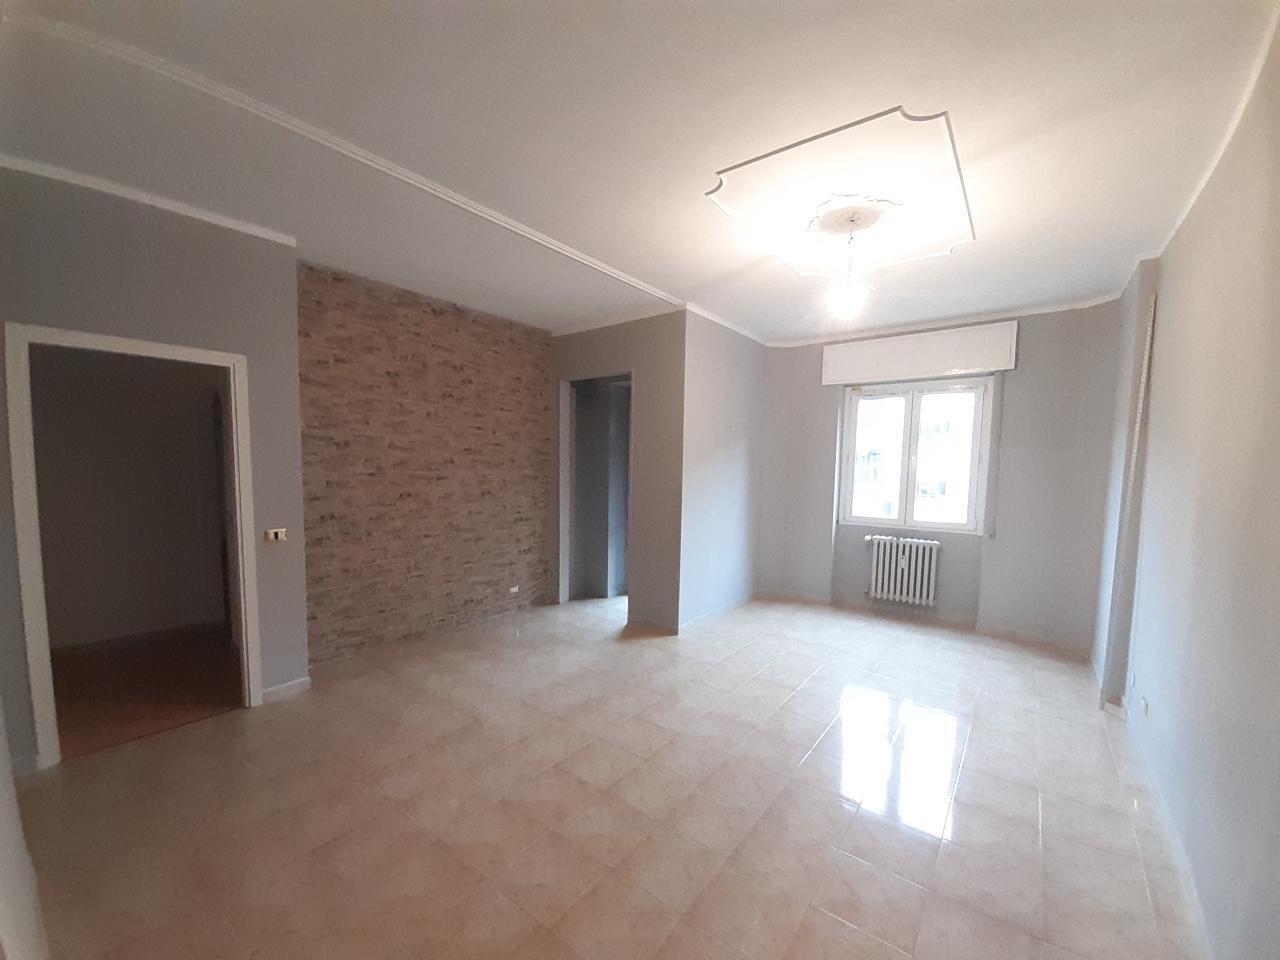 Appartamento CREMONA Euro 118.000,00